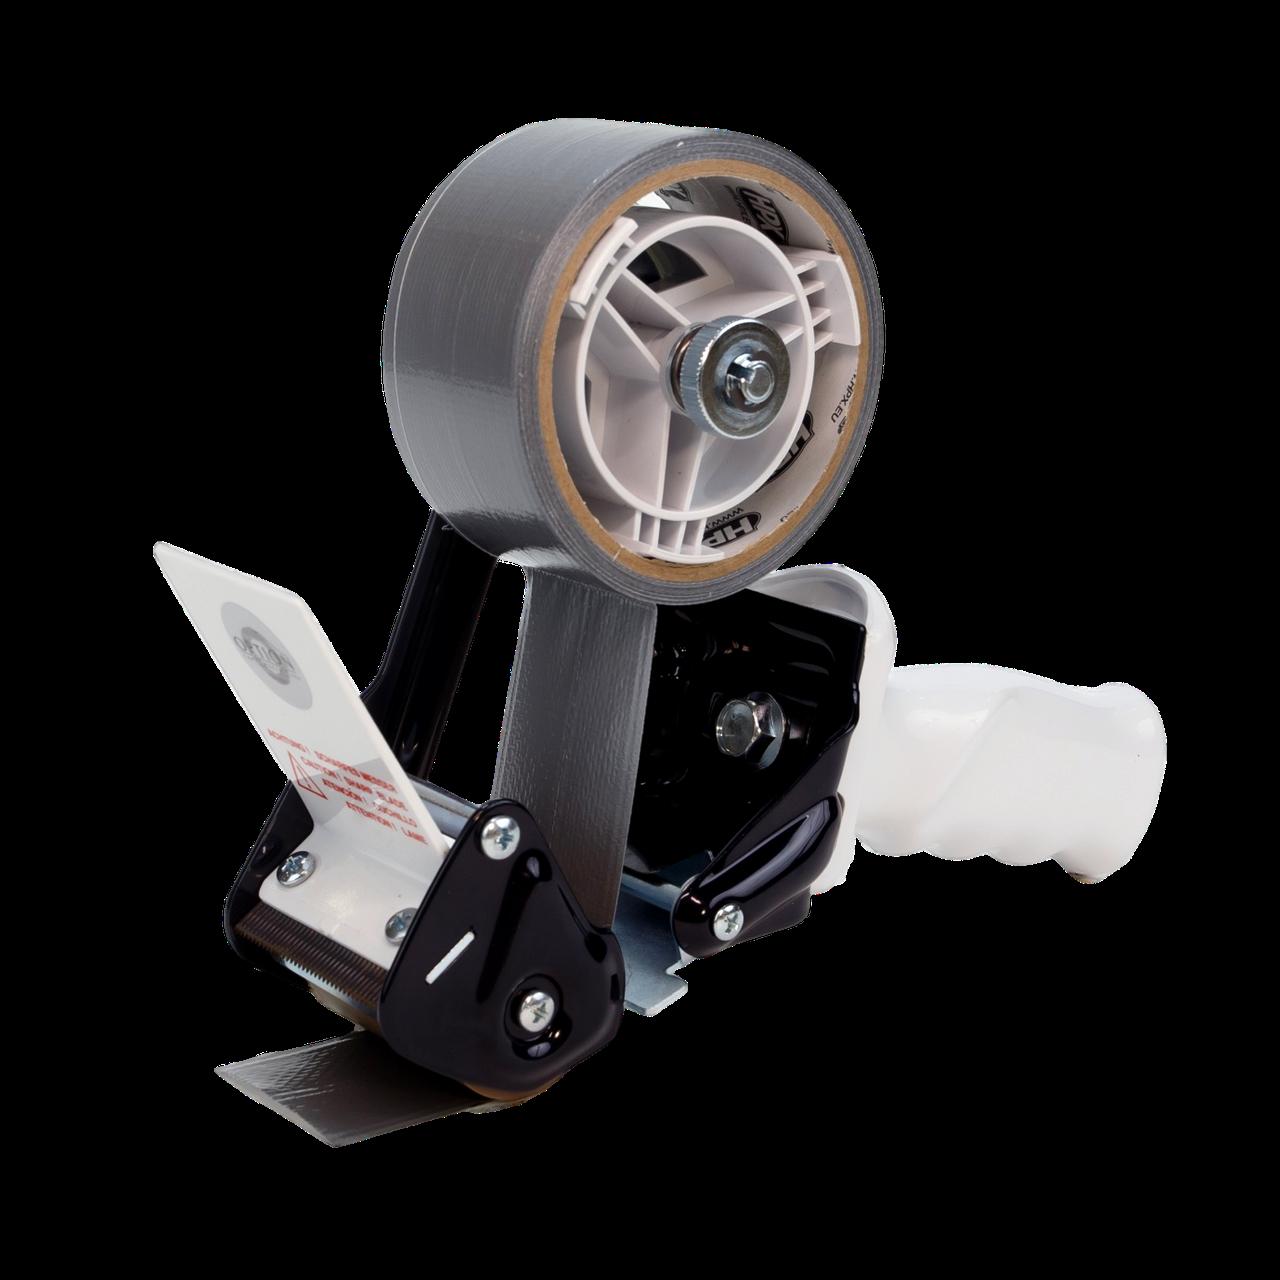 Ручной диспенсер для упаковочных и армированных лент до 50мм